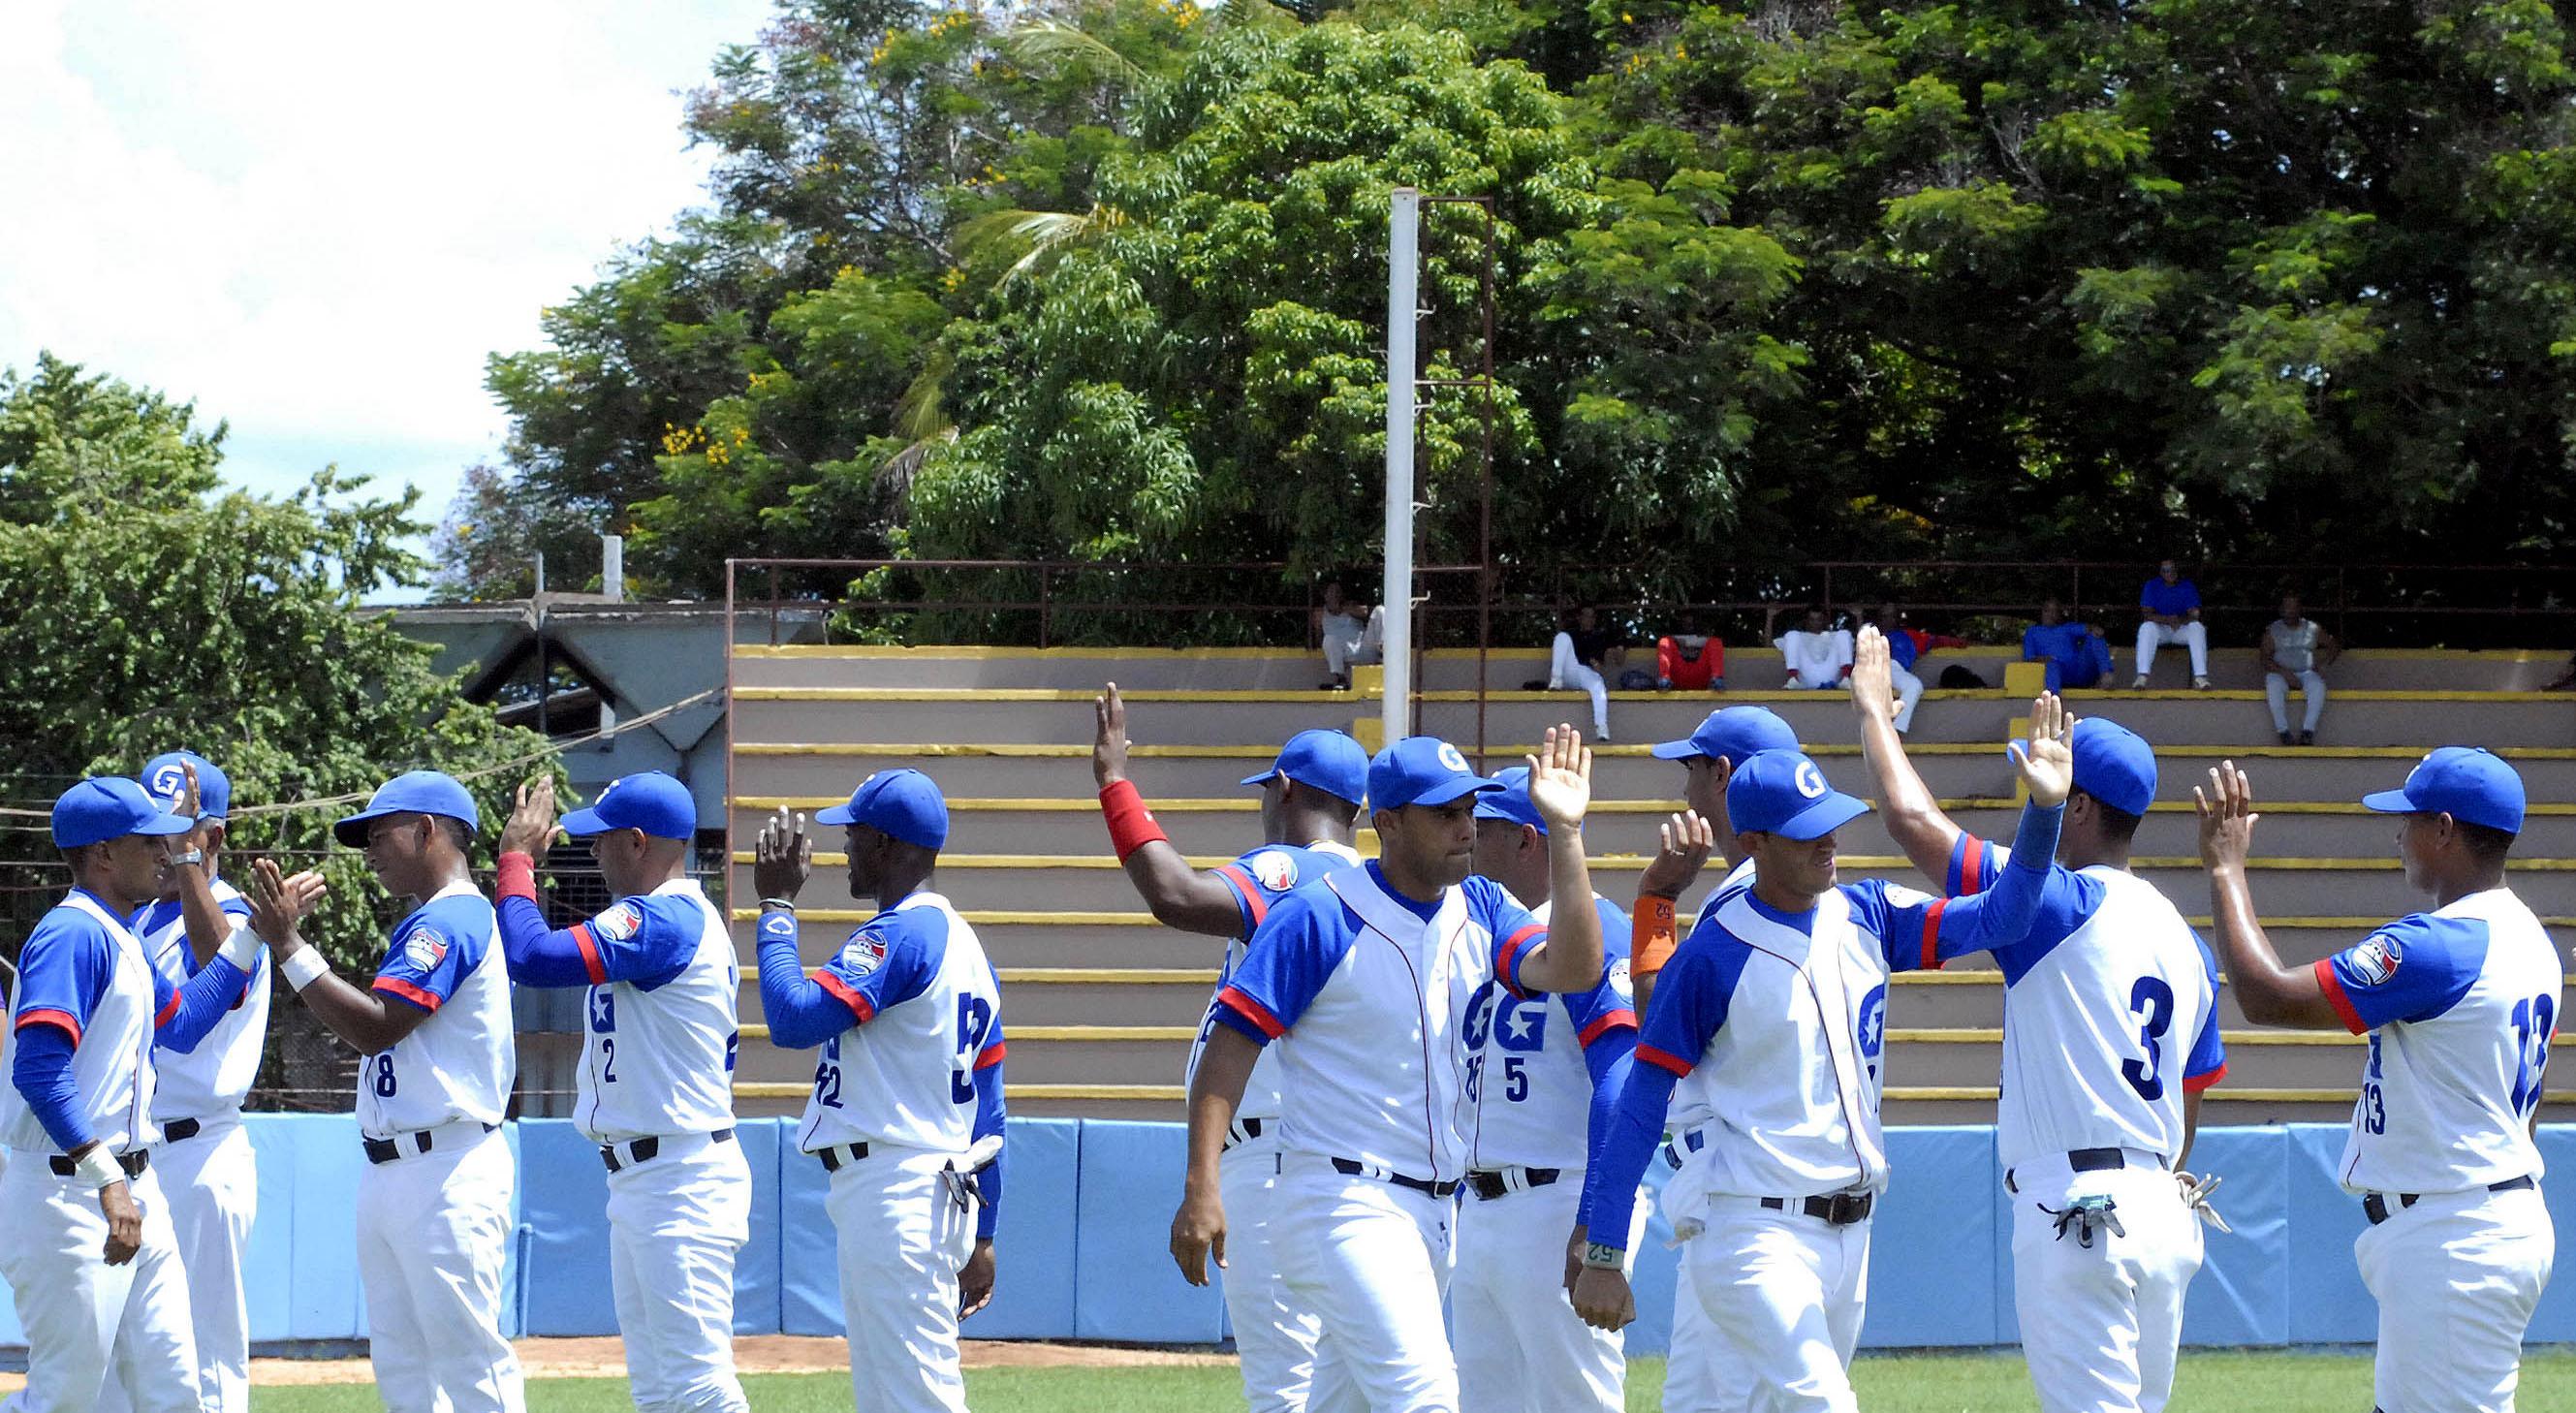 Noviembre comienza con segunda etapa de Serie Nacional de Béisbol